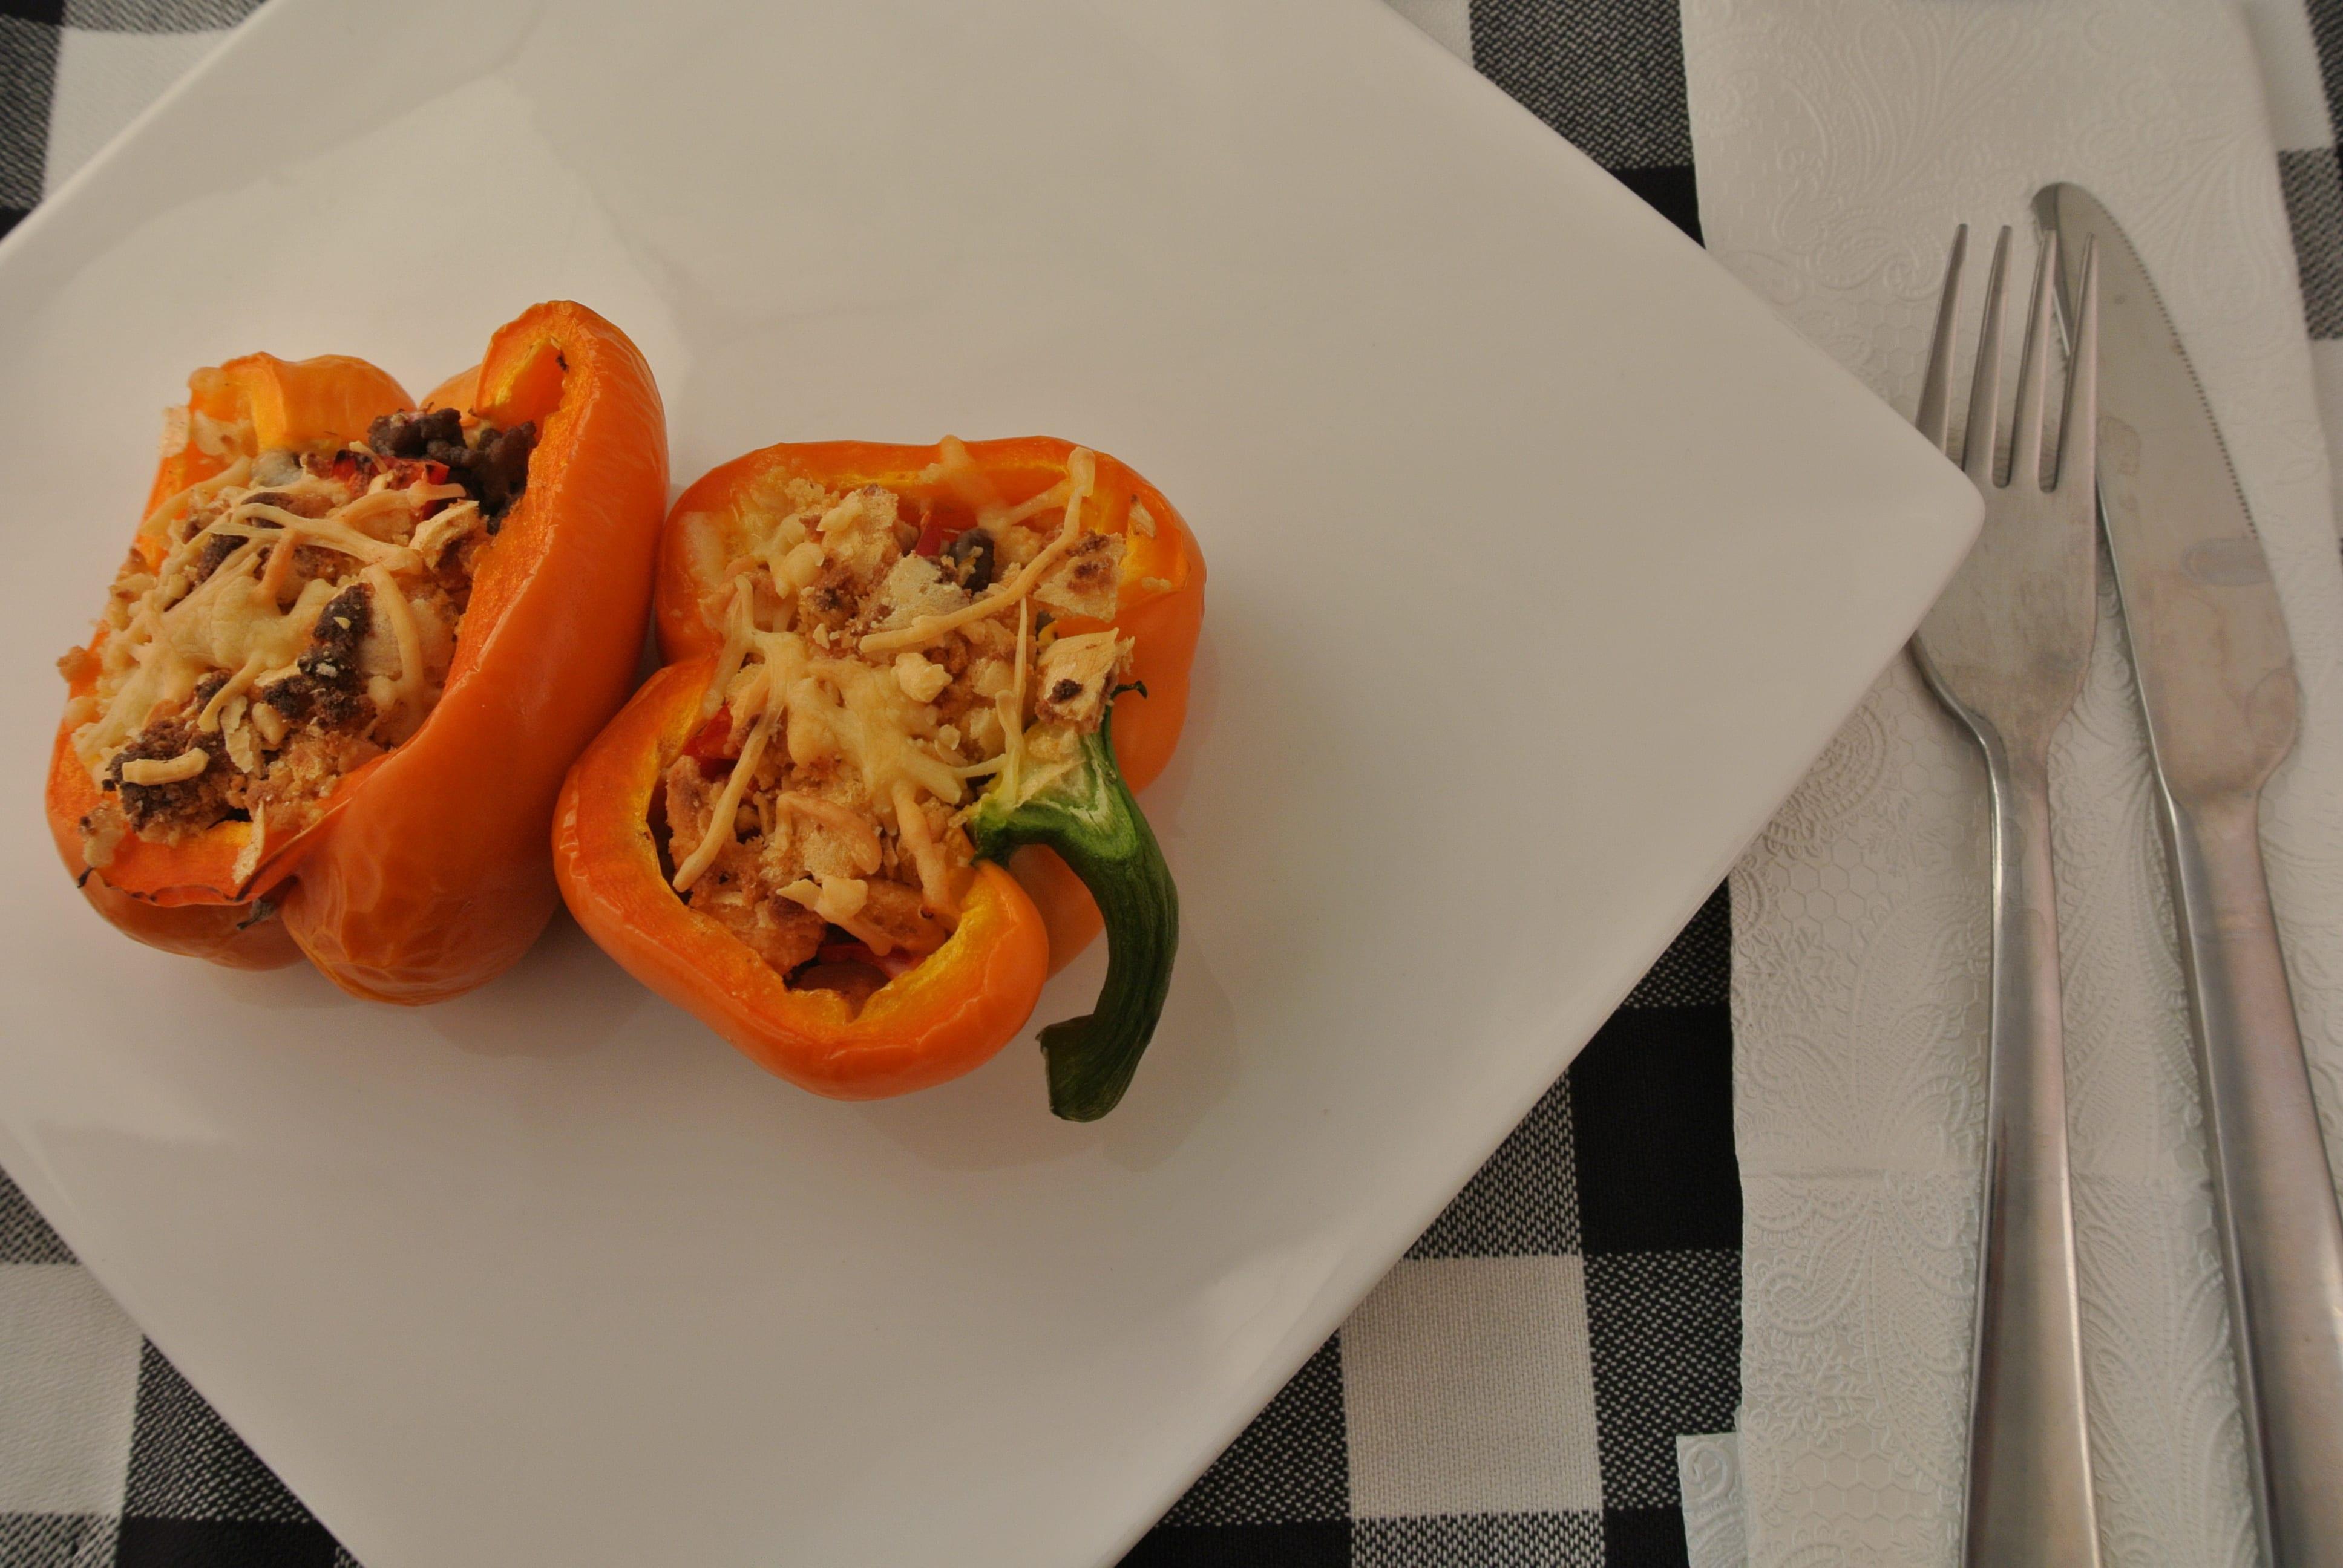 Heerlijk oranje gevulde paprika